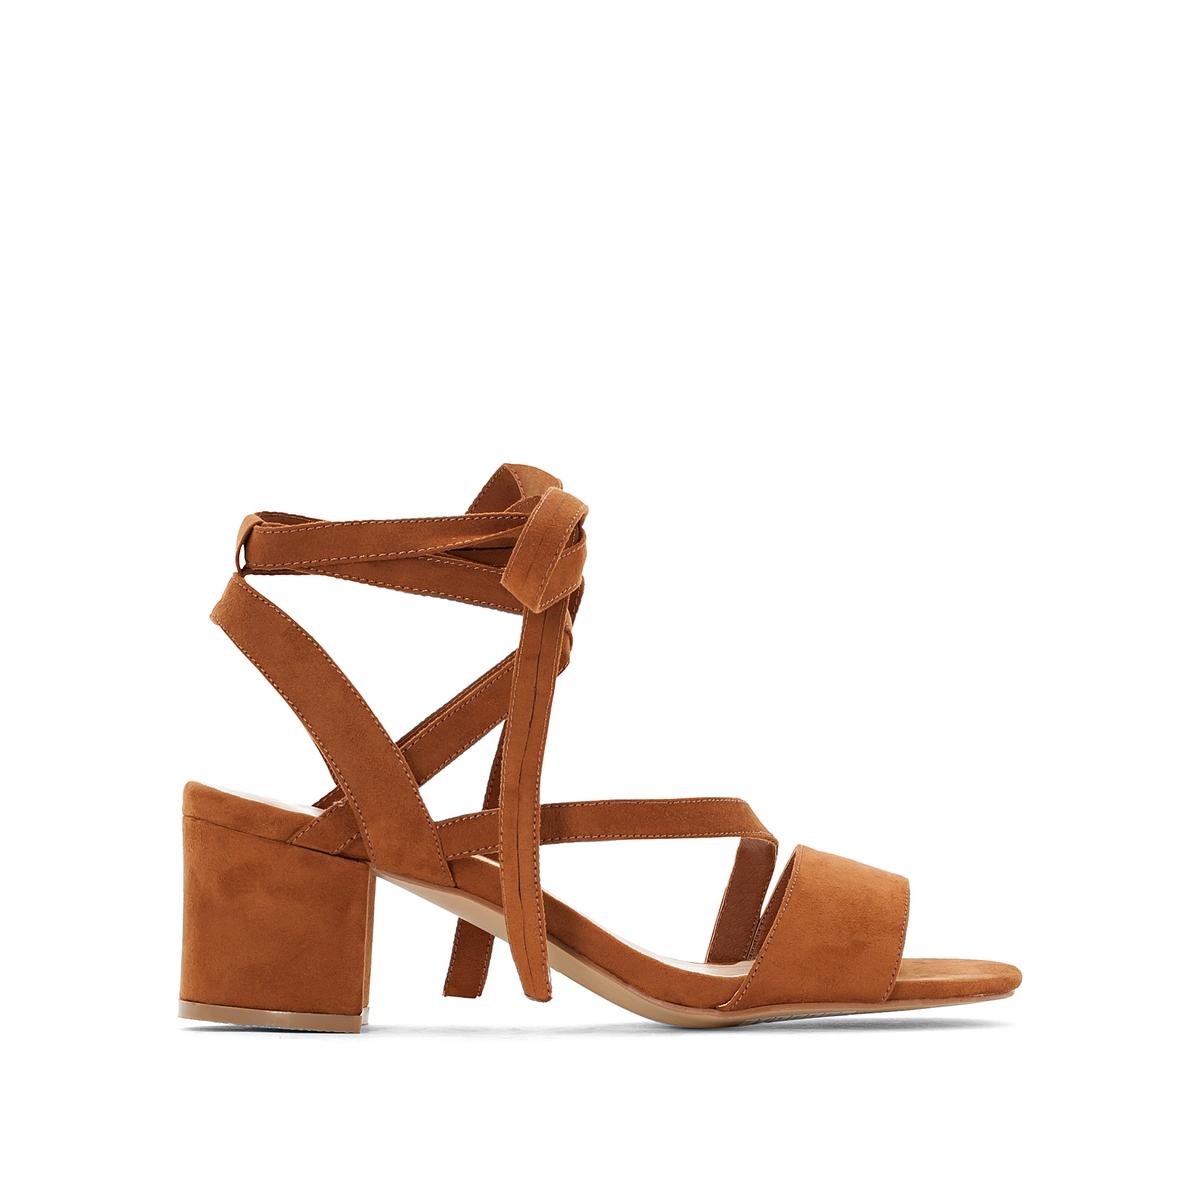 Sandálias para atar no tornozelo, pés largos, do 38 ao 45